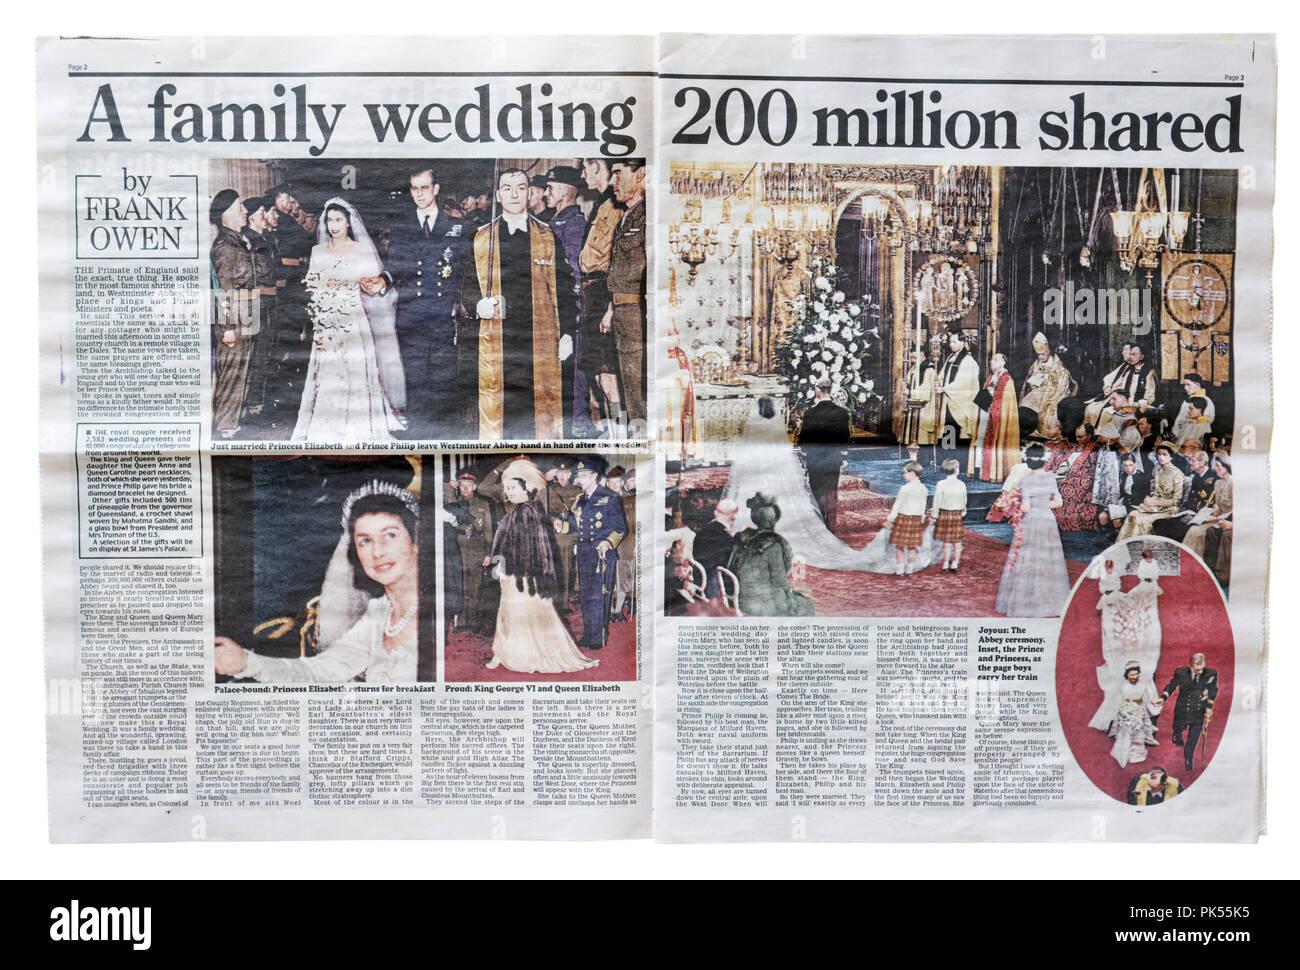 Un artículo en el Daily Mail celebra la boda de la Princesa Isabel con el Príncipe Philip, Duque de Edimburgo el 21 de noviembre de 1947 Imagen De Stock